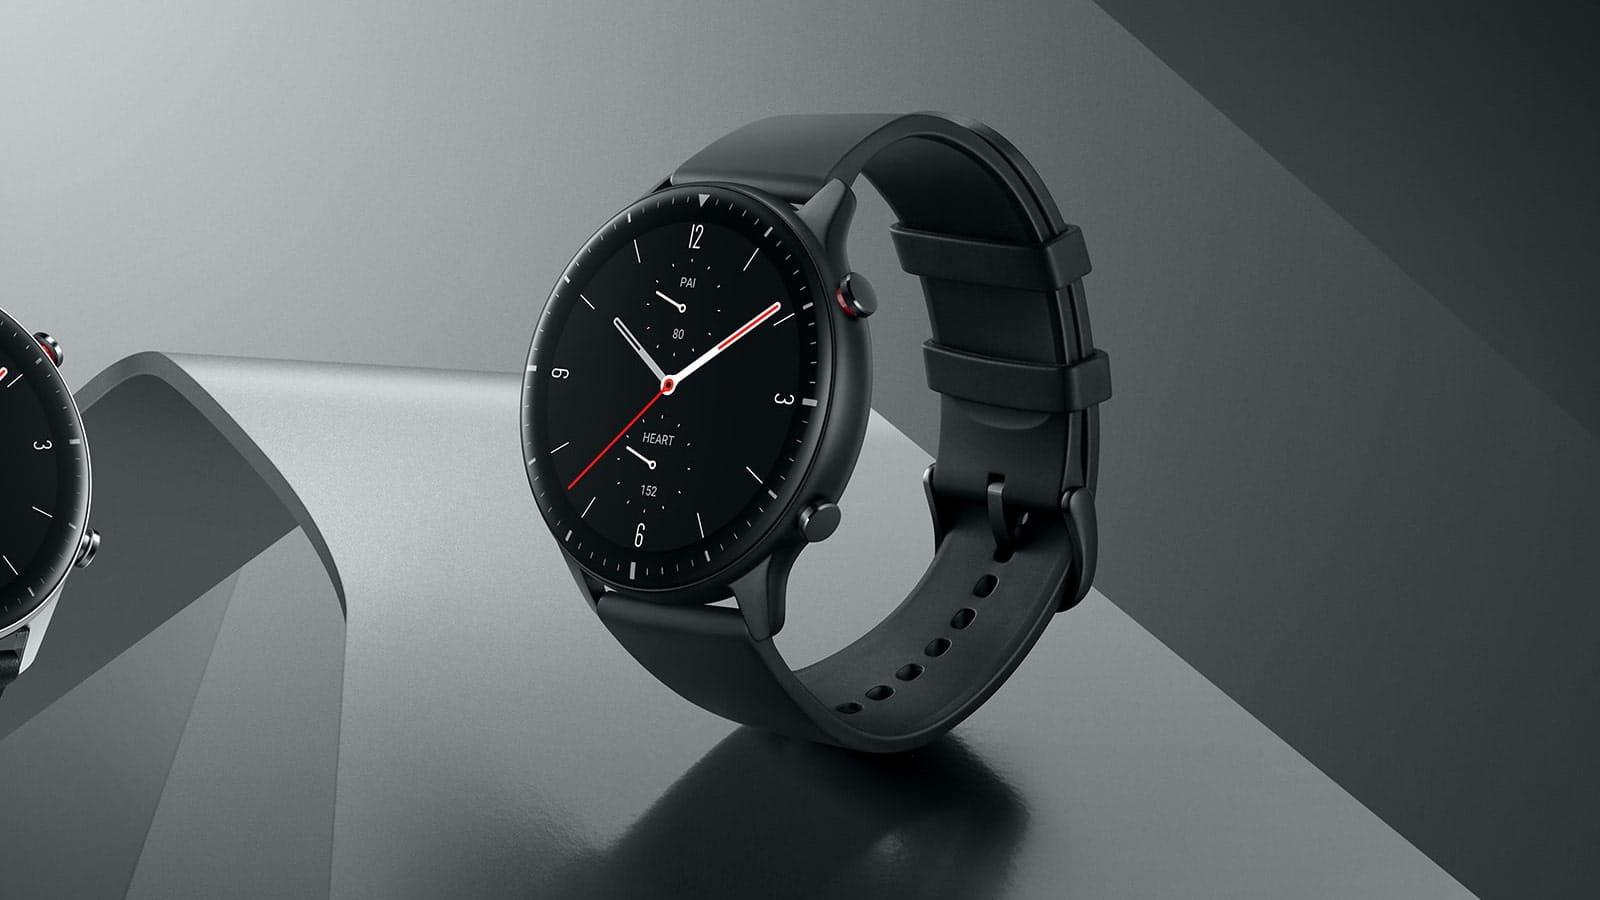 Amazfit GTR 2 Smart Health Watch